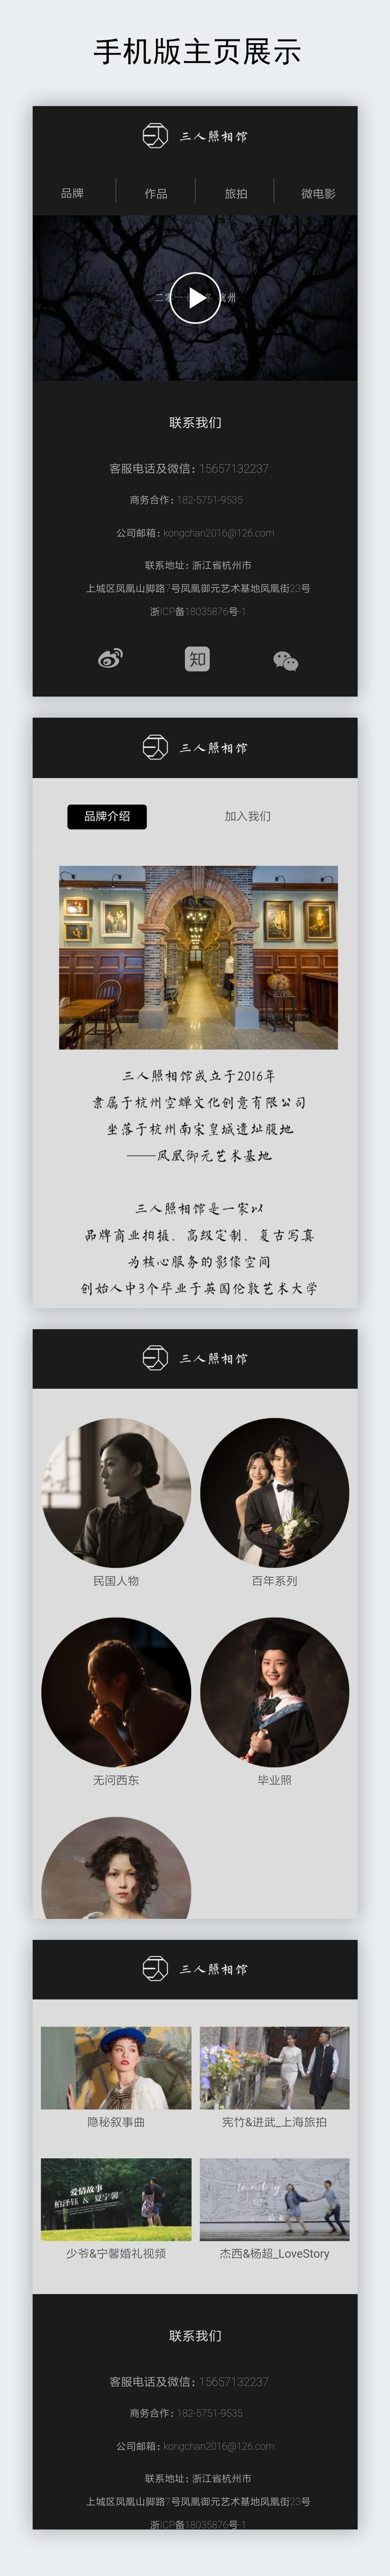 三人照相馆手机版展示模板.jpg